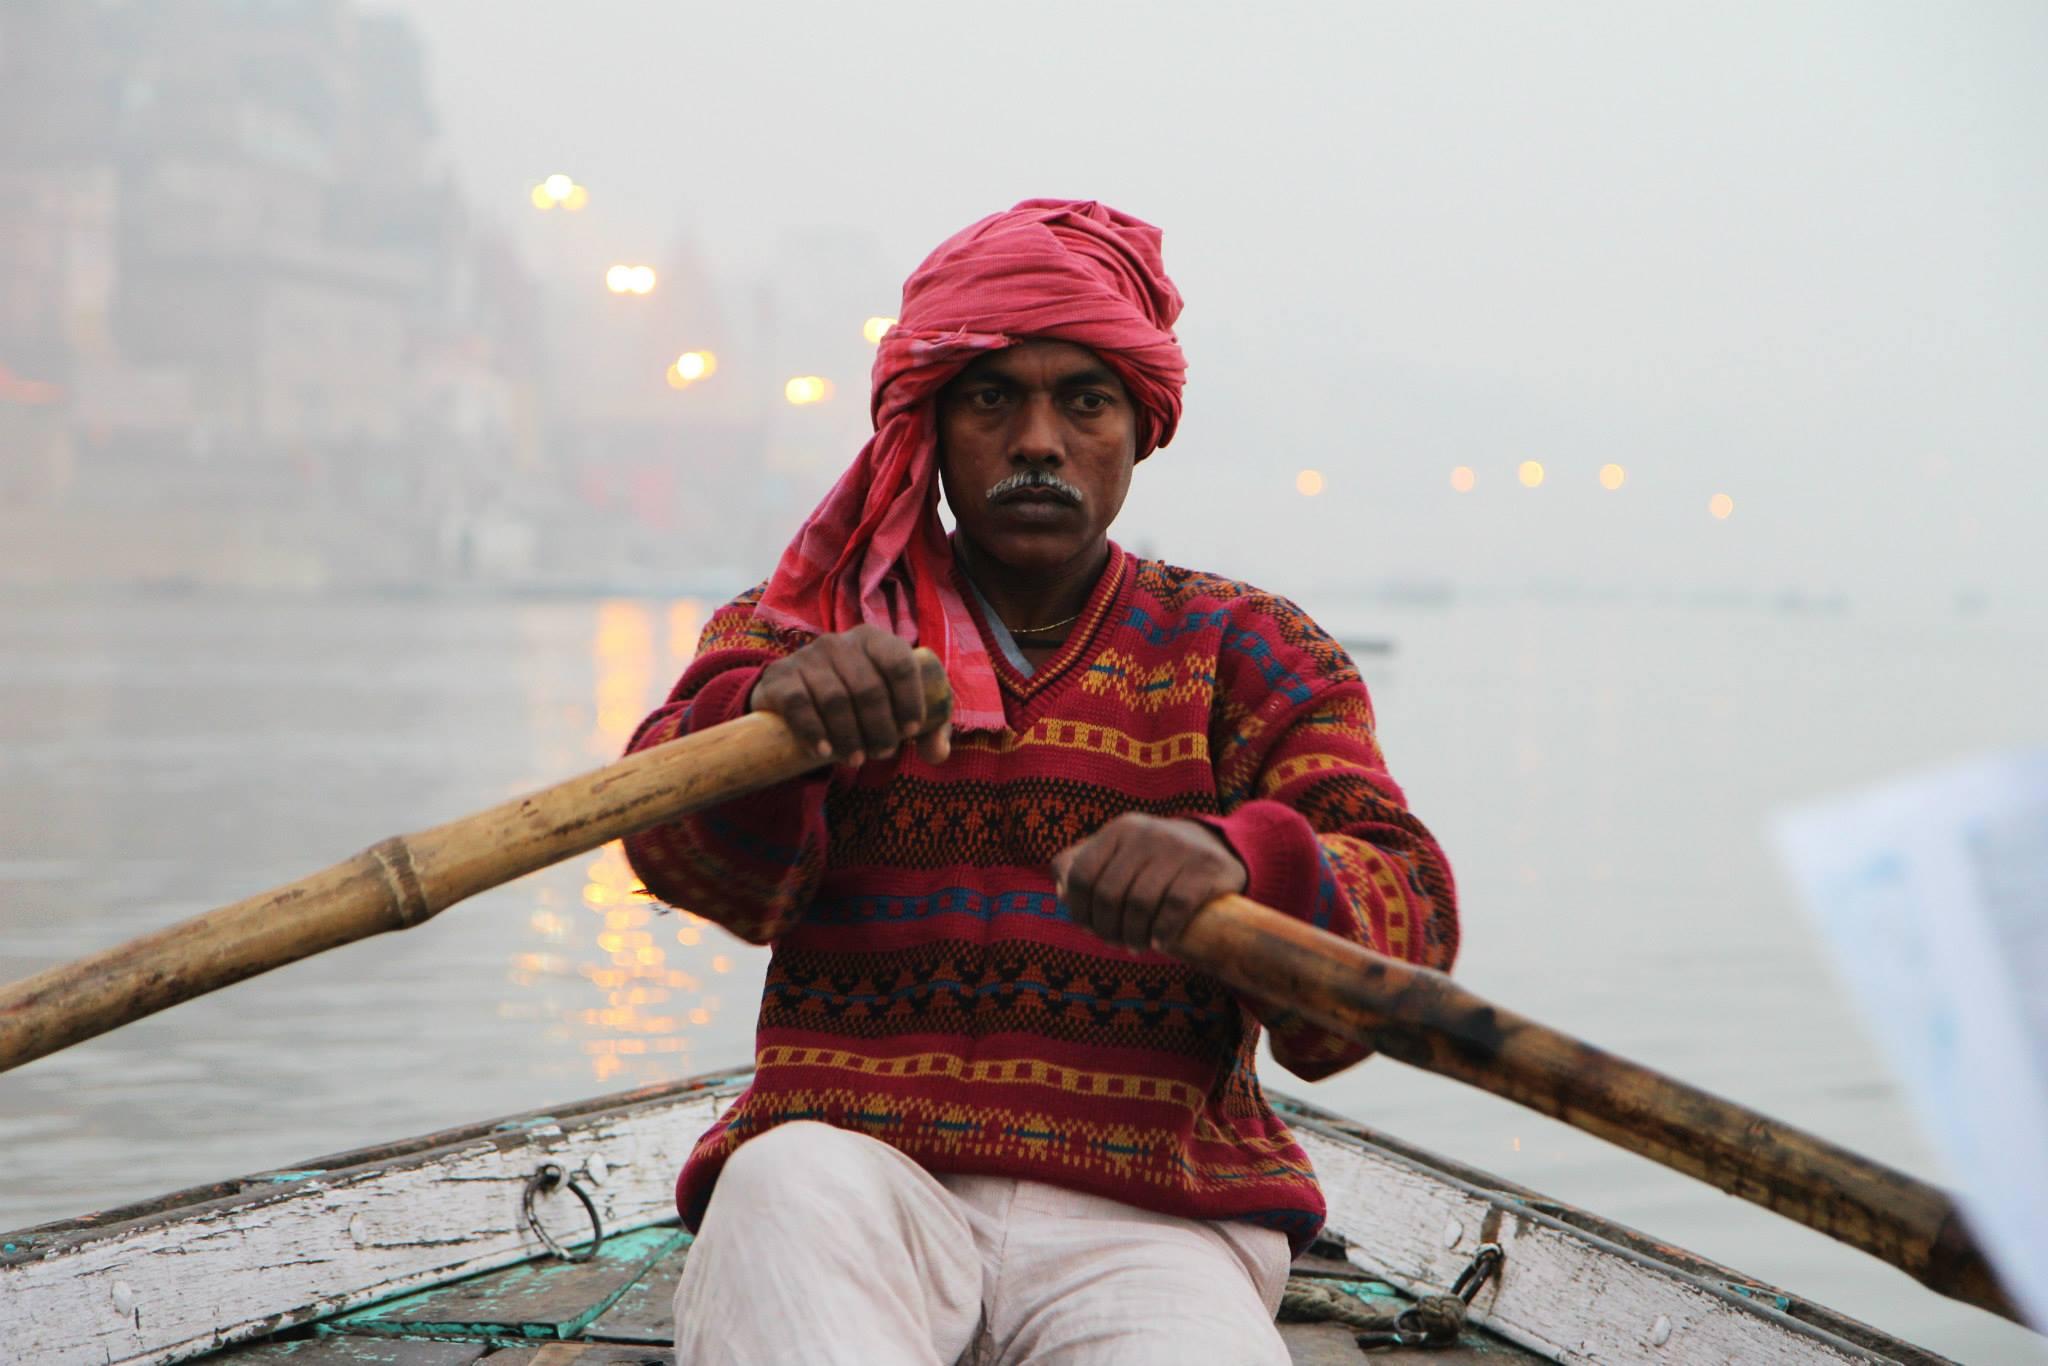 Onze bootsman op de Ganges in Varanasi